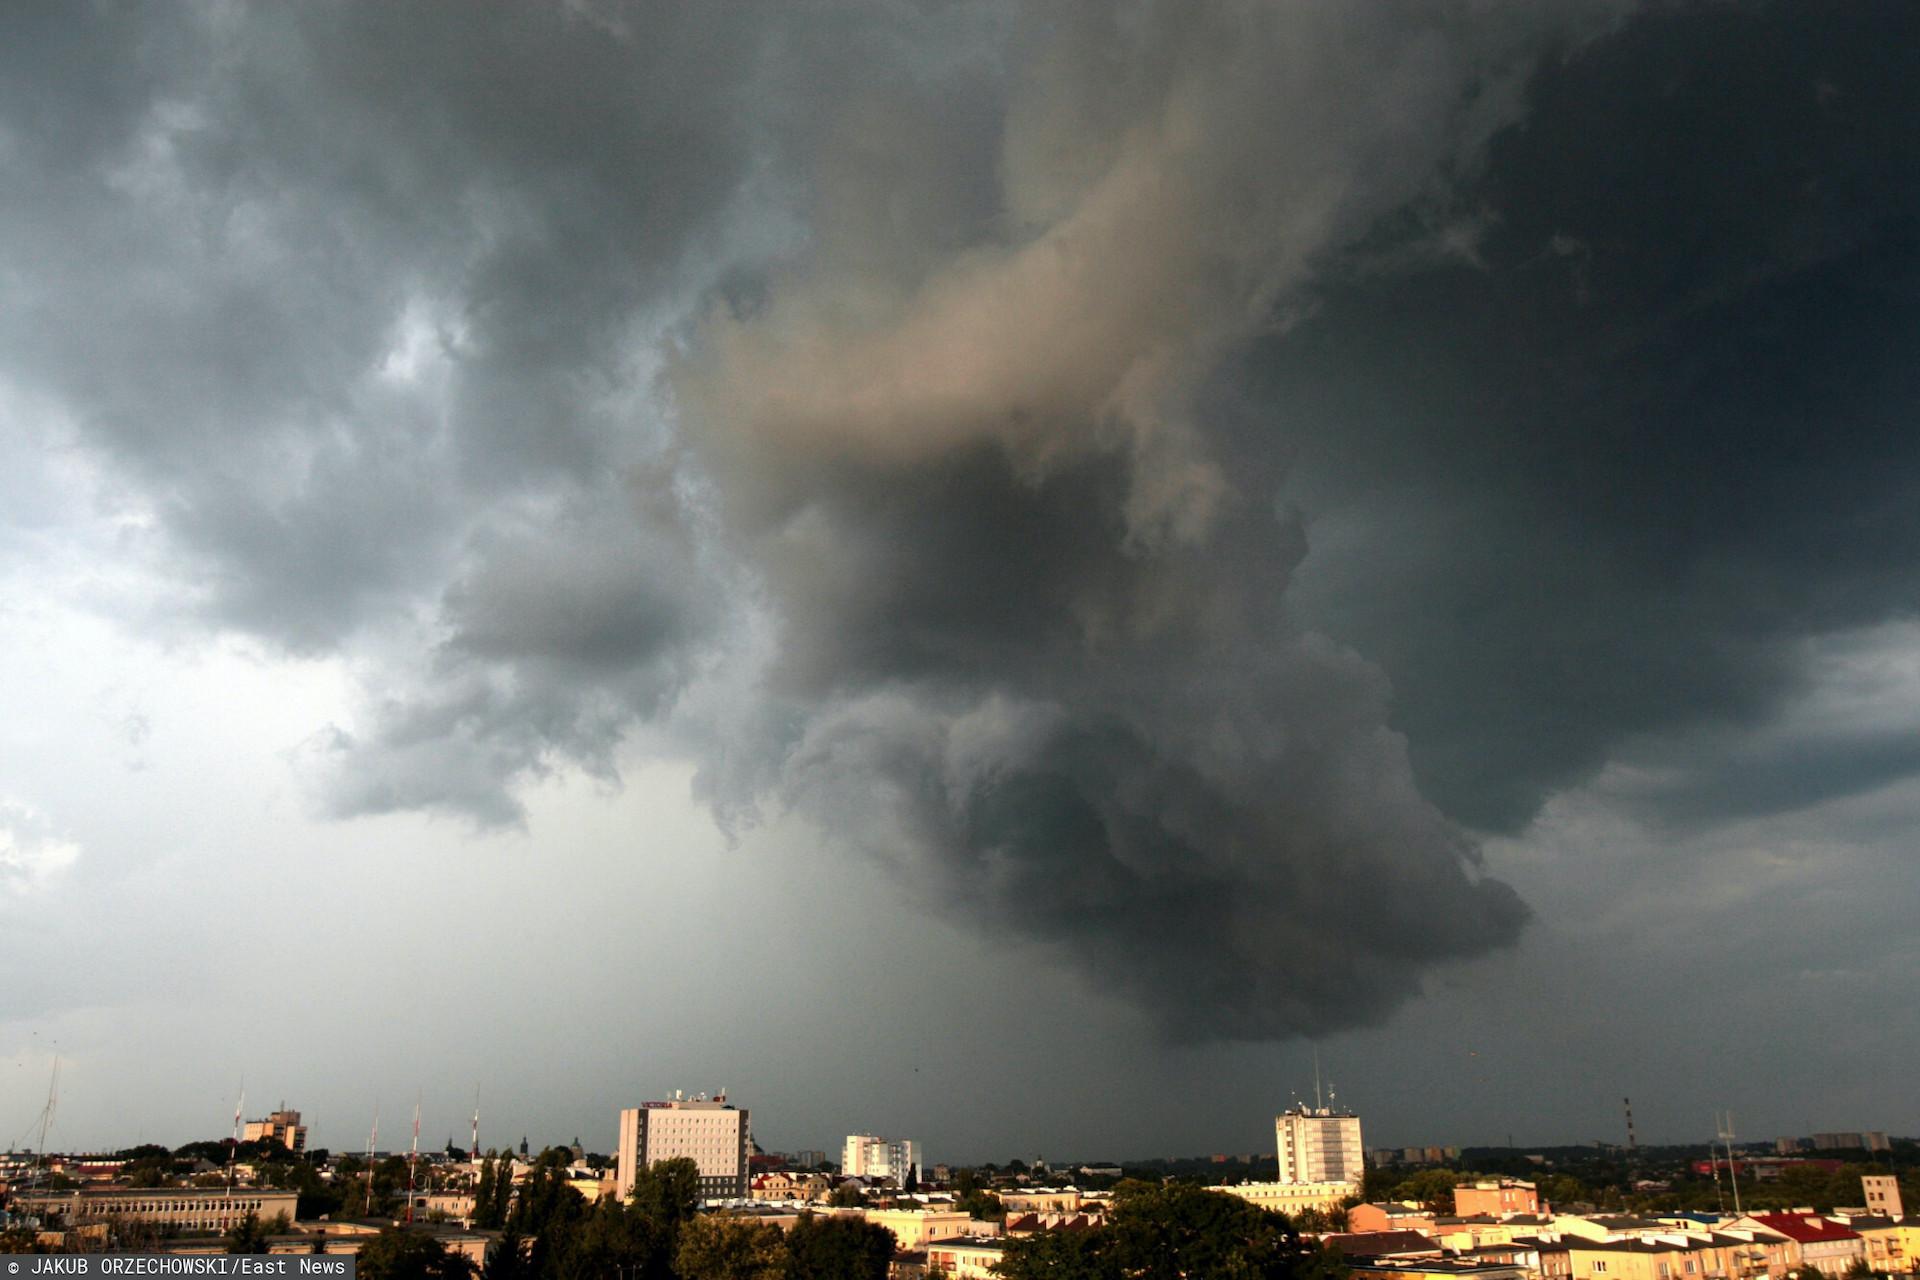 W czwartek nad Krakowem przeszła silna burza